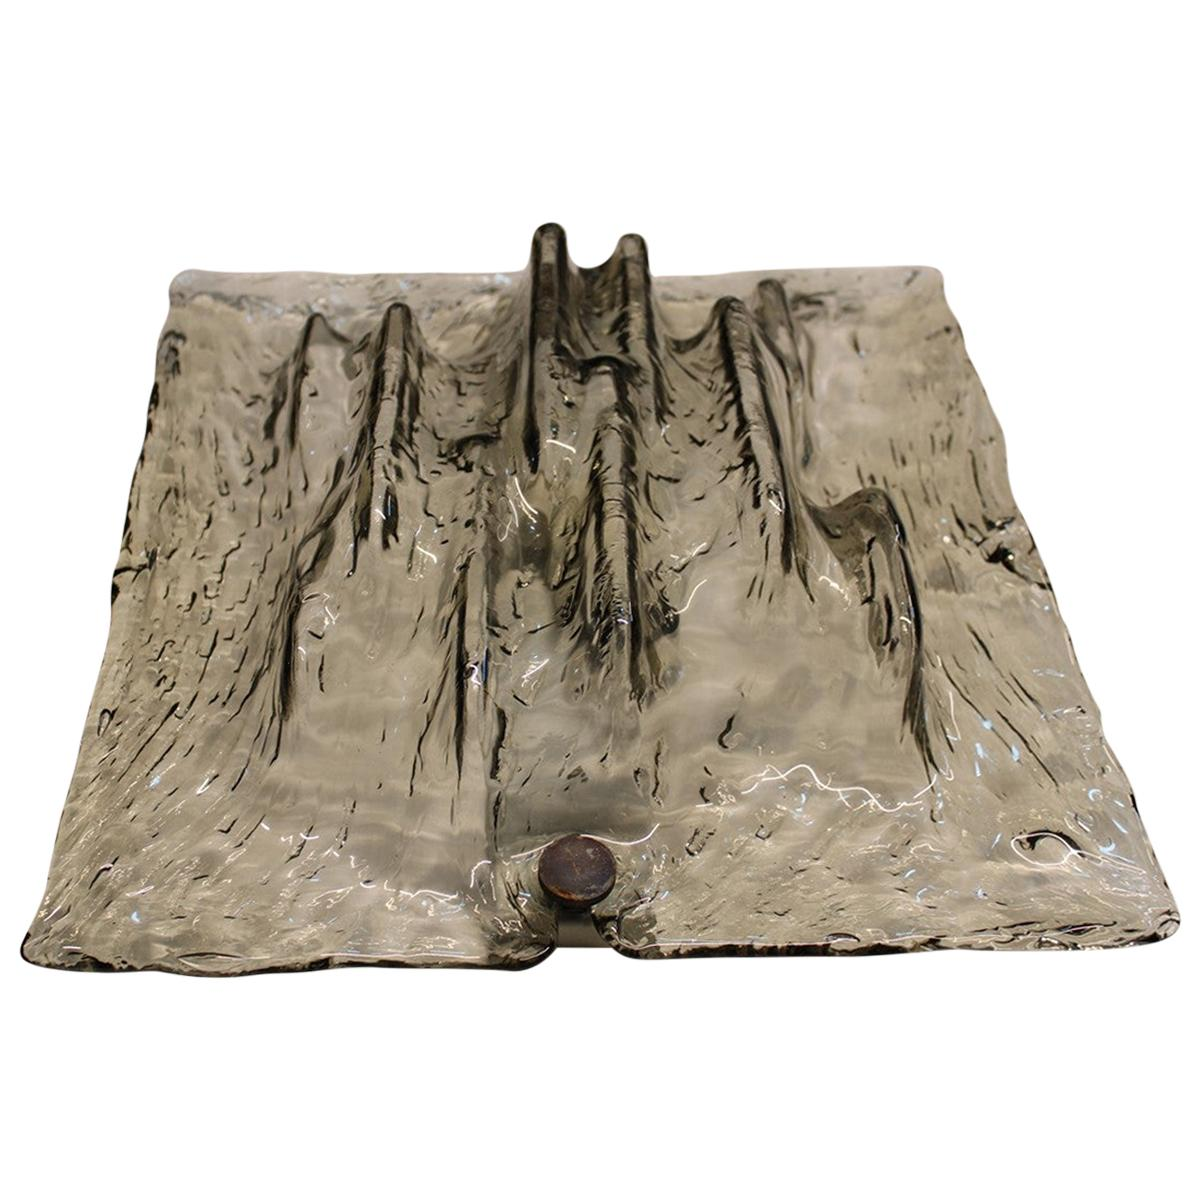 Venini Toni Zuccheri Wall Sconces Sculptural Murano Glass Italian Design Square